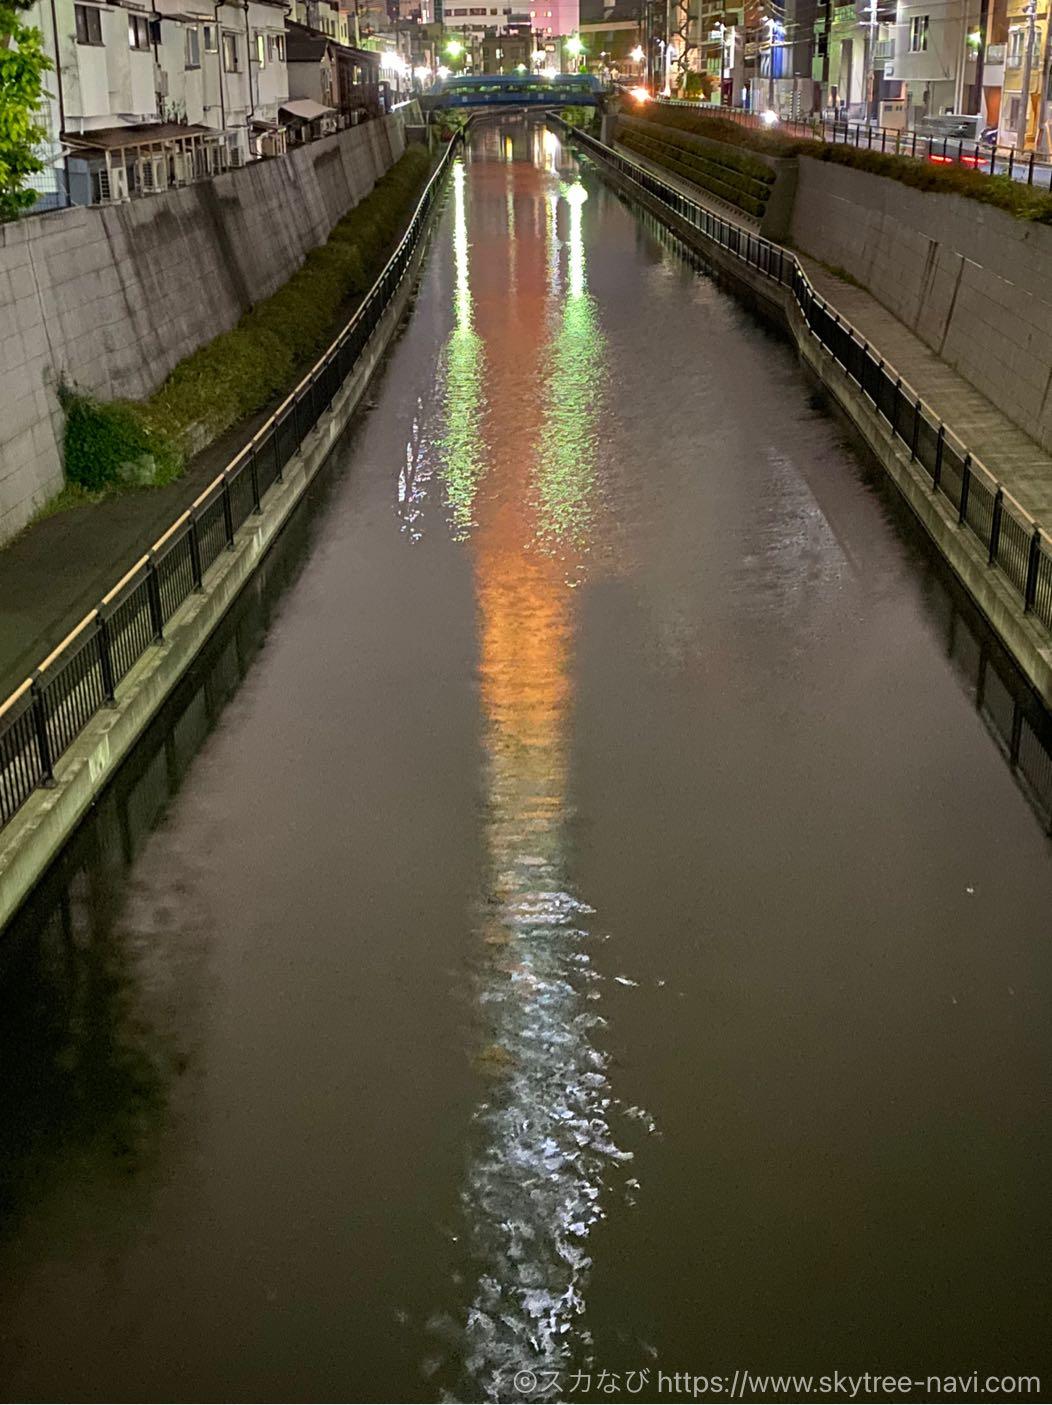 スカイツリー 聖火リレー特別ライティング 宮崎県